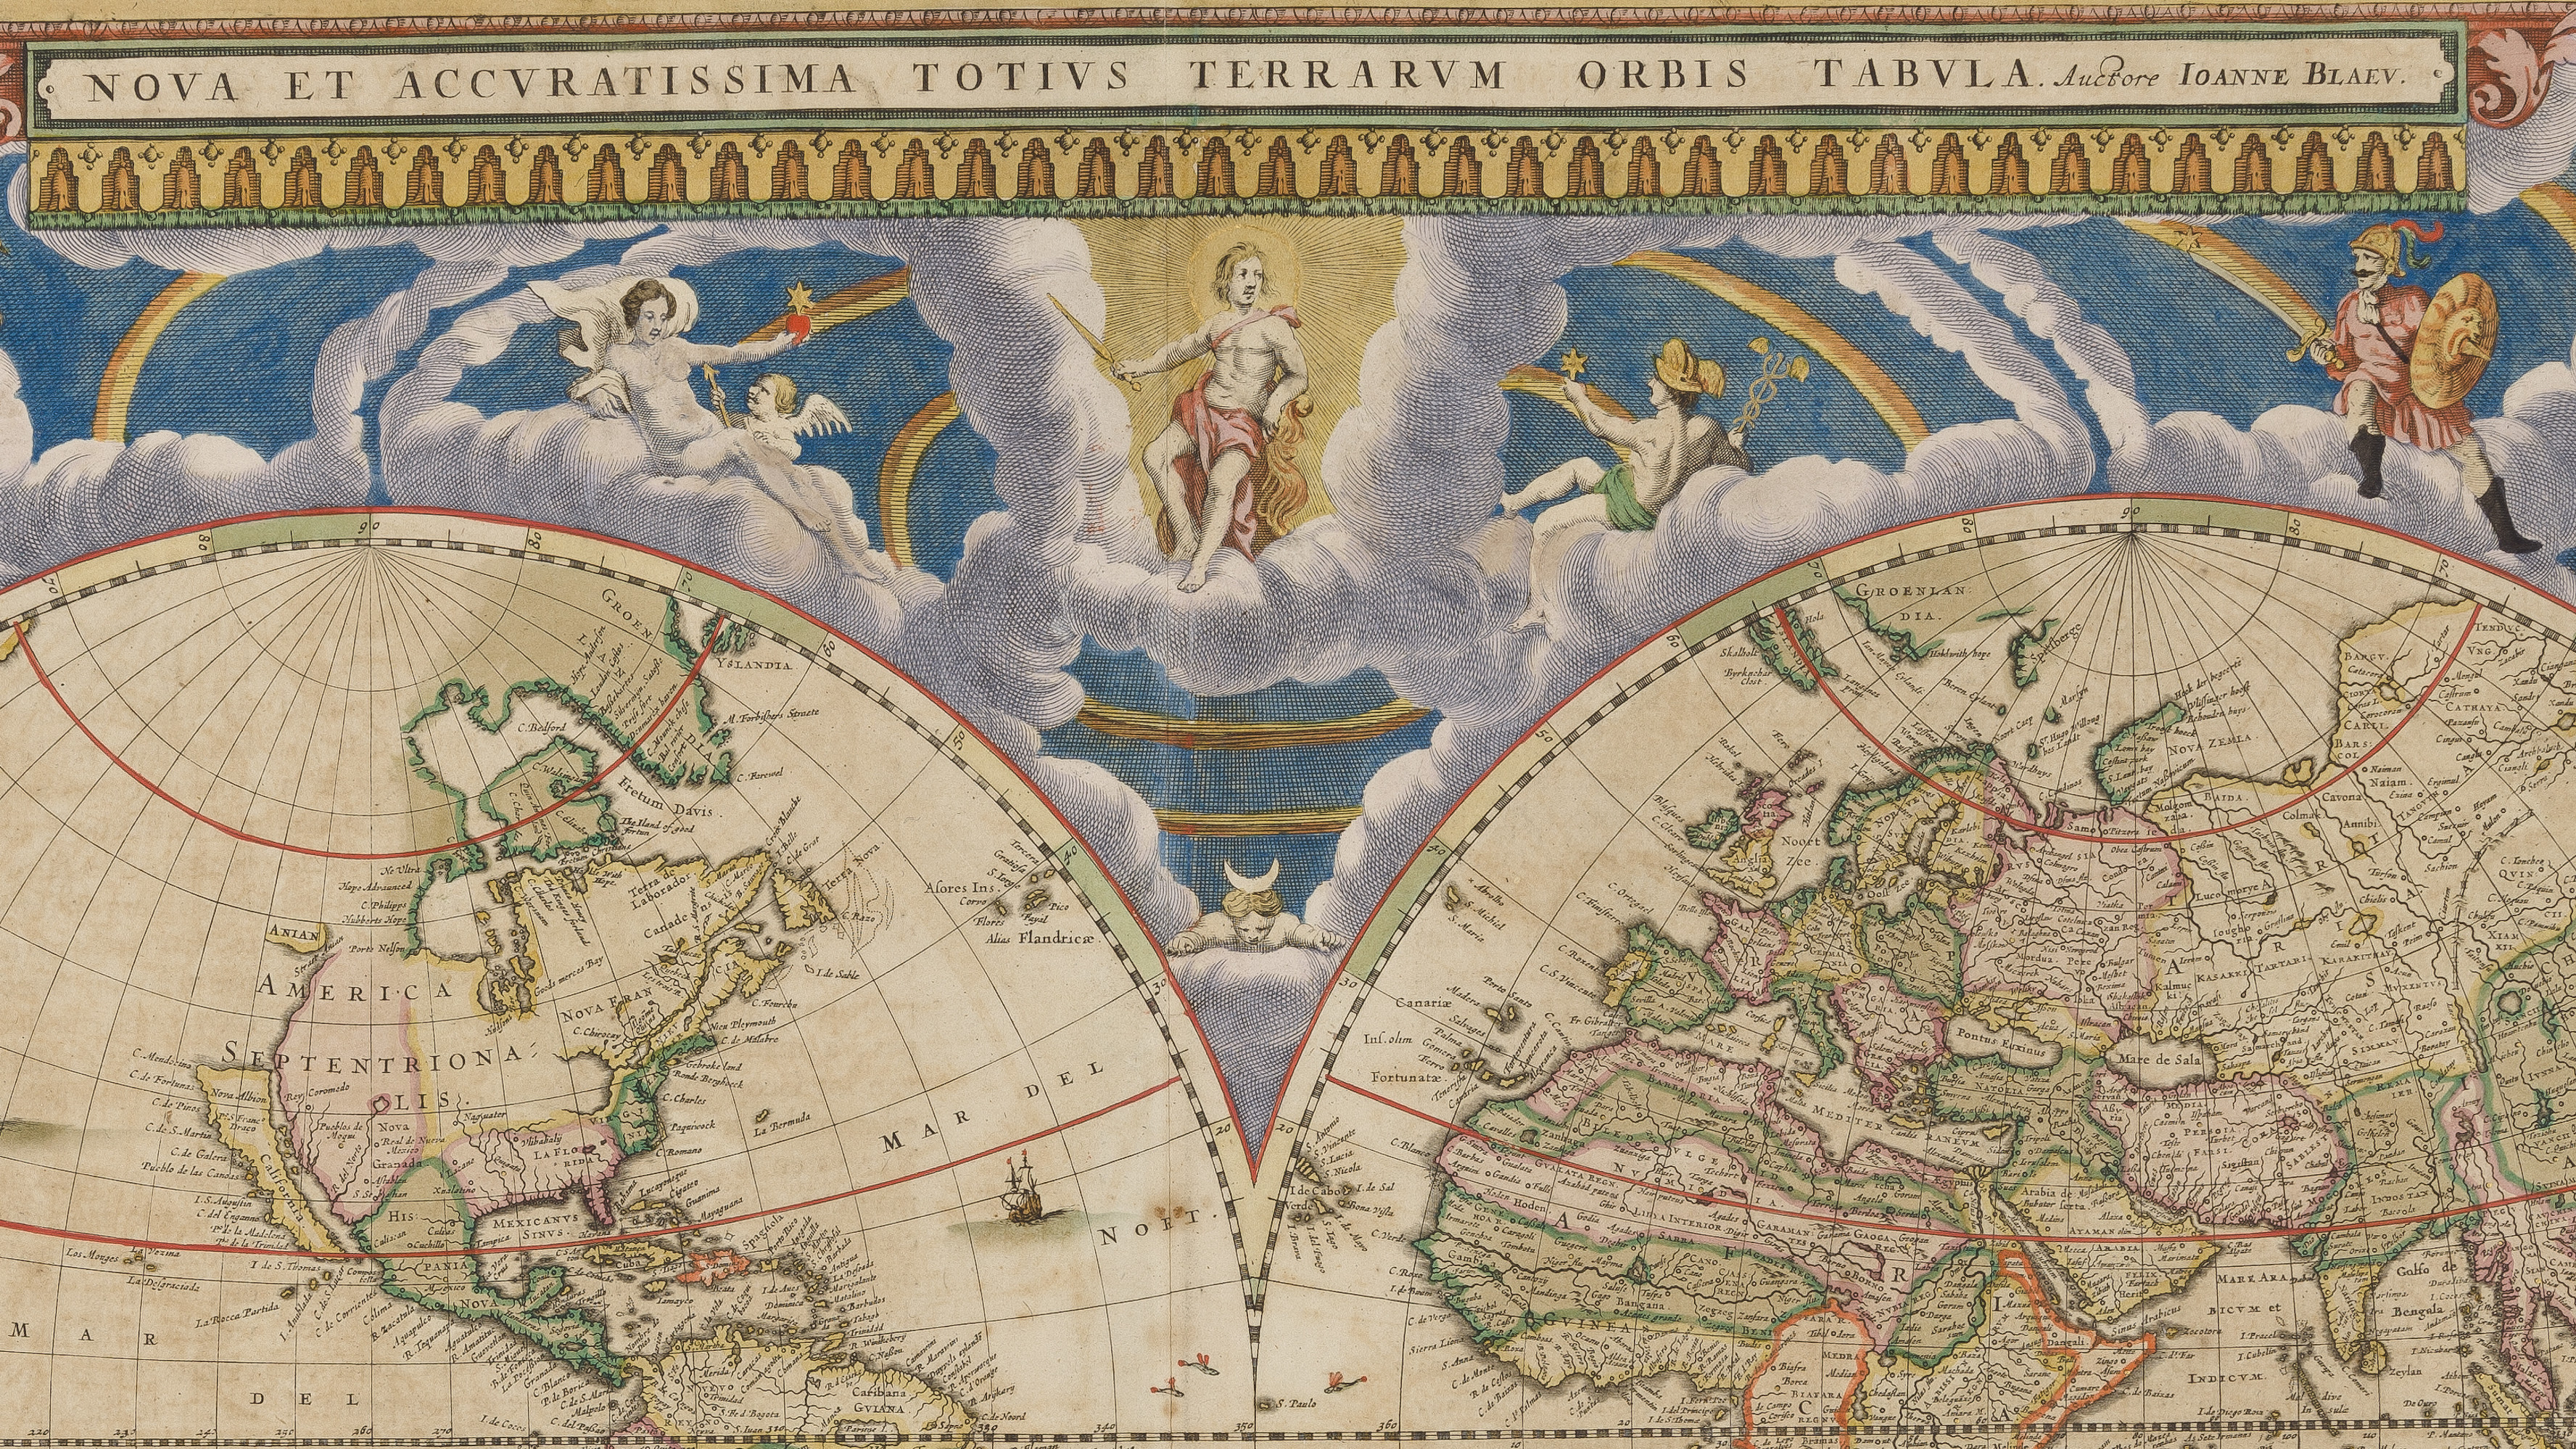 Maailmankartan historiaa | Jakso 3: Hollannin kultakausi ja tieteelliset tutkimusmatkat kartoilla